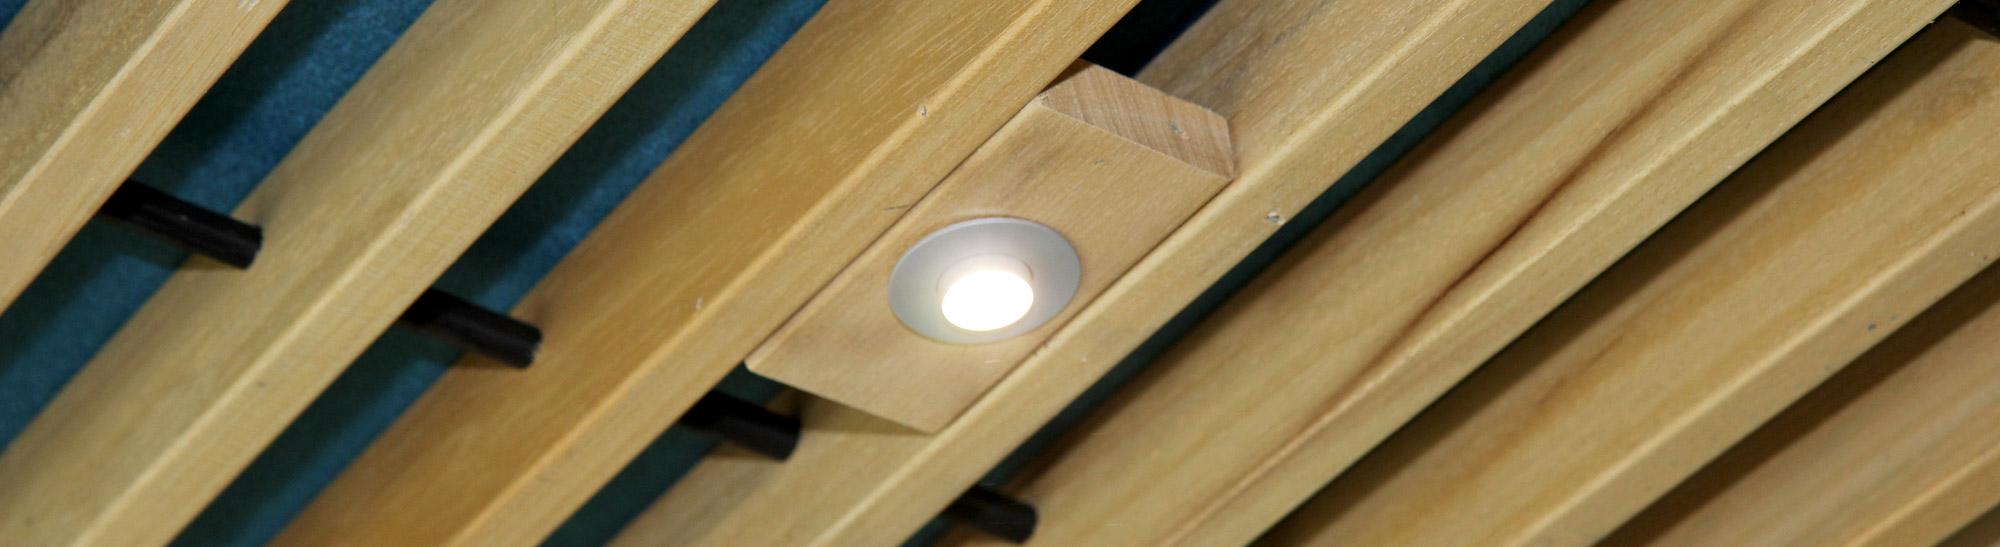 Wand en plafondbekleding houtindustrie veteka - Houten balkenplafond ...